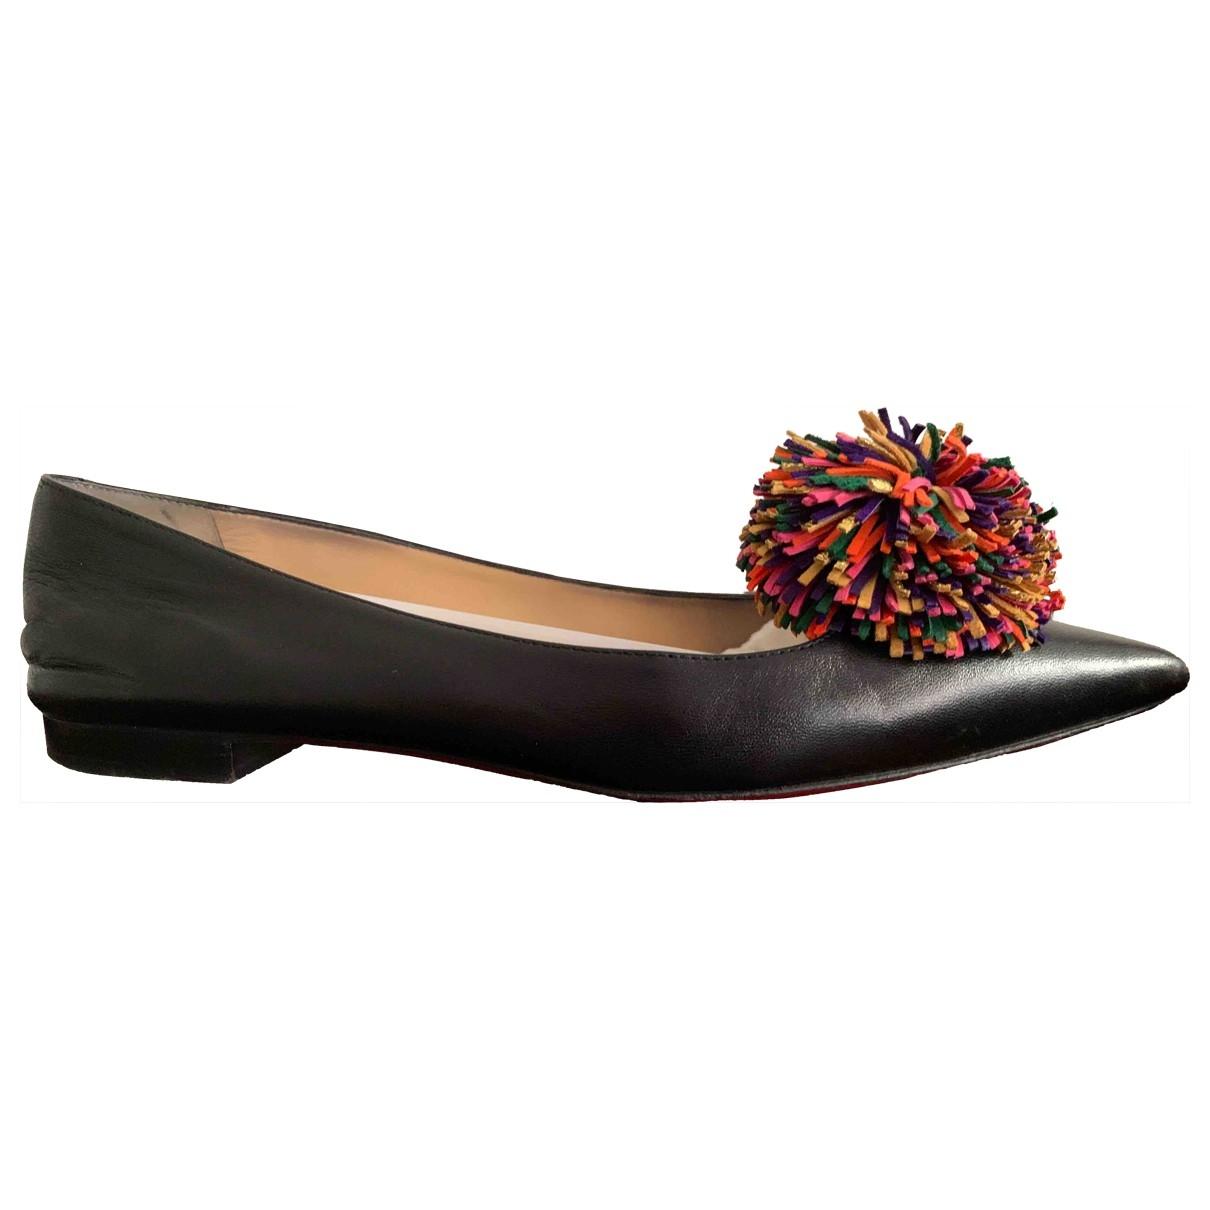 Christian Louboutin - Ballerines   pour femme en cuir - noir